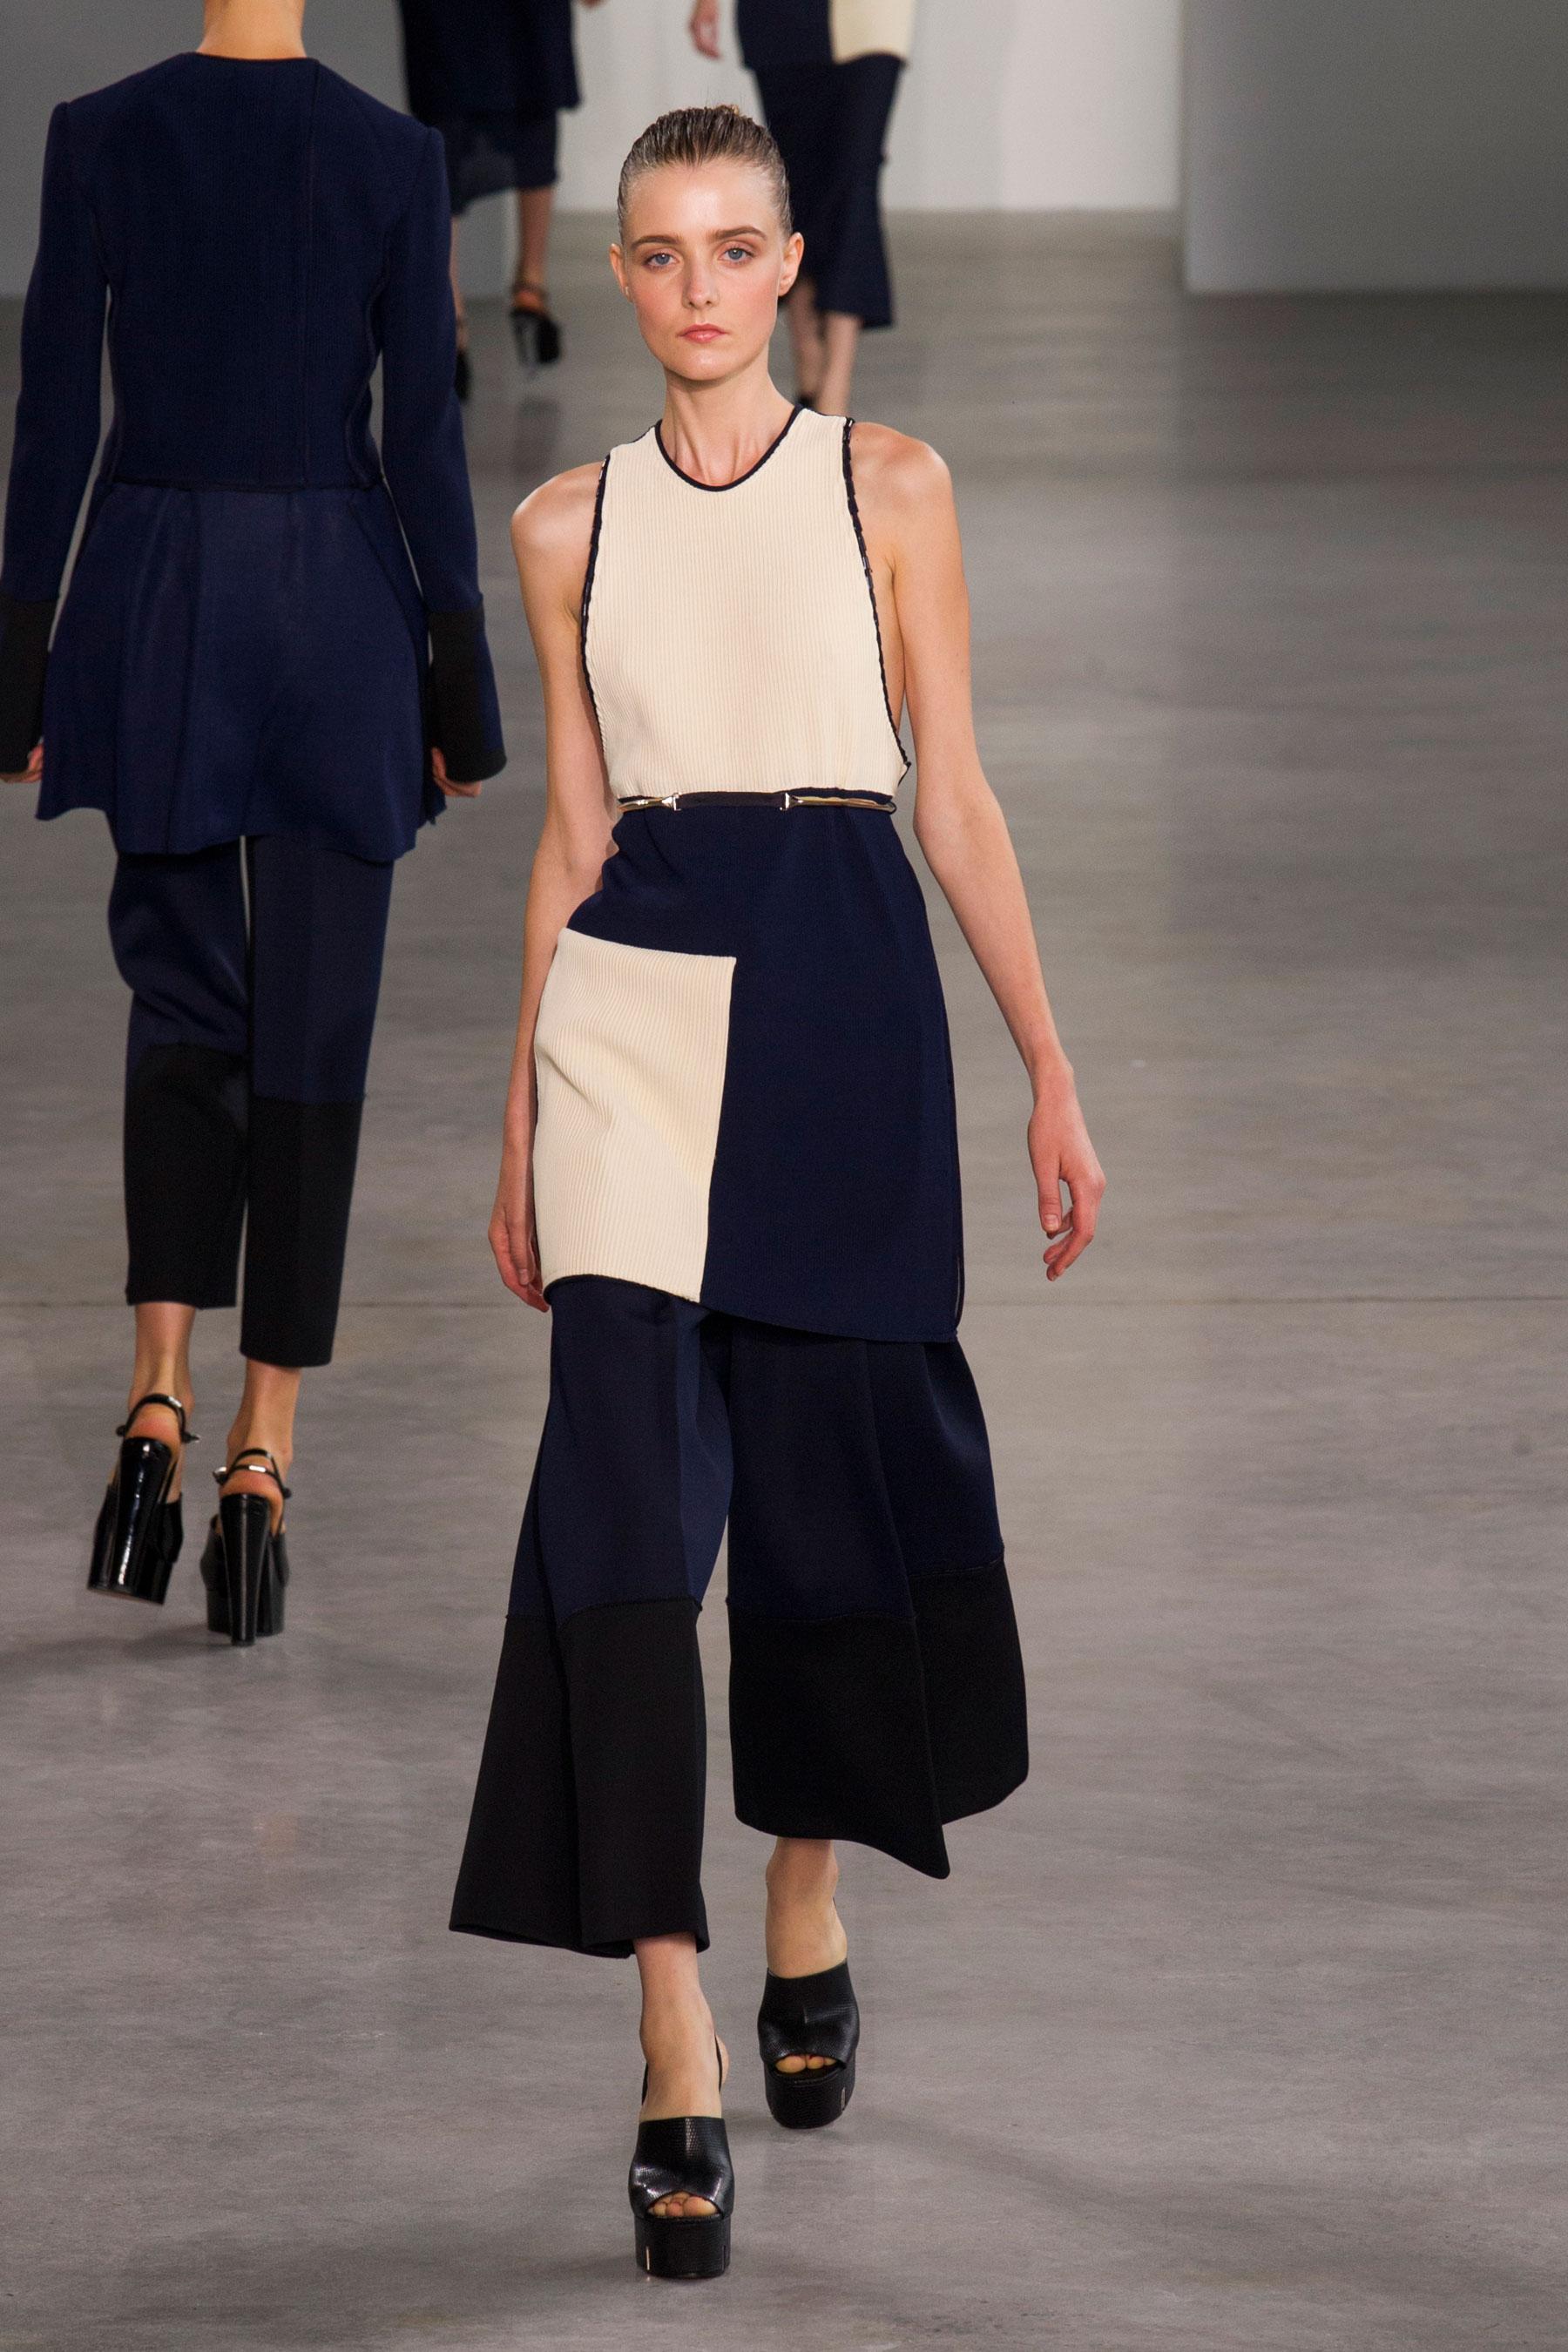 la jupe culotte longue de calvin klein fashion week de new york tout ce qu 39 on a aim elle. Black Bedroom Furniture Sets. Home Design Ideas